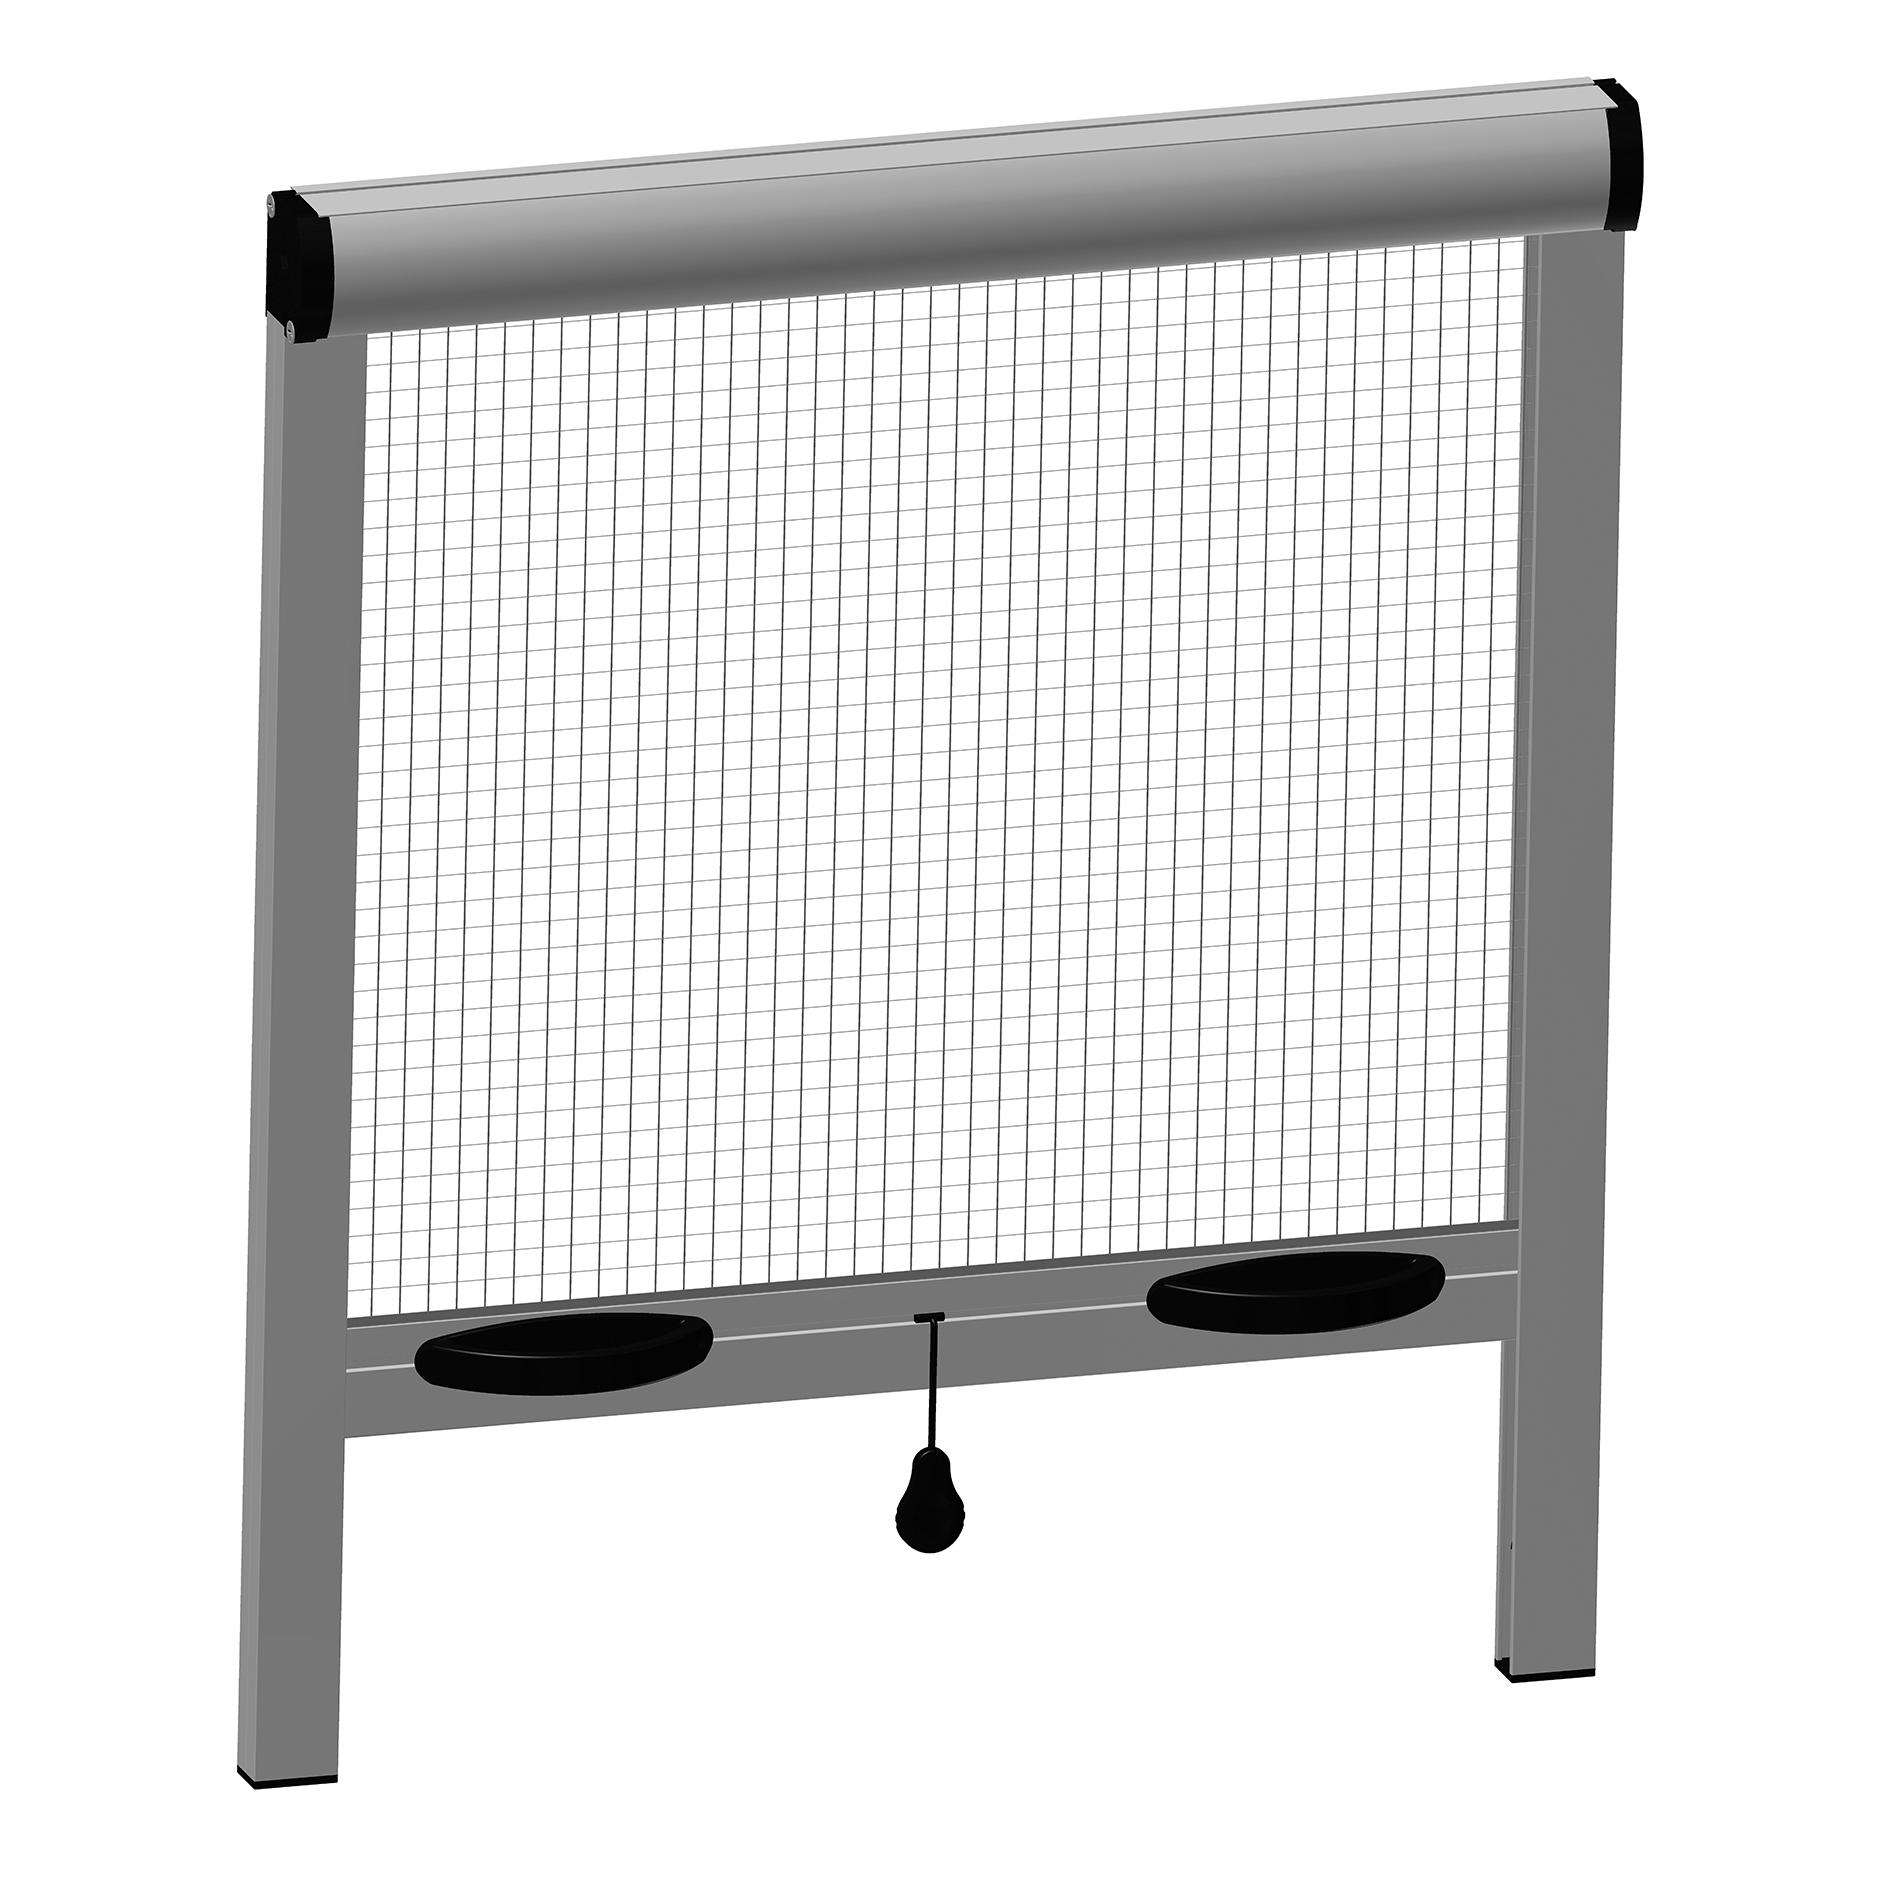 Алюминиевый профиль, изготовление на заказ, москитный ролик, выдвижное окно, стеклопластиковое Сетчатое роликовое окно